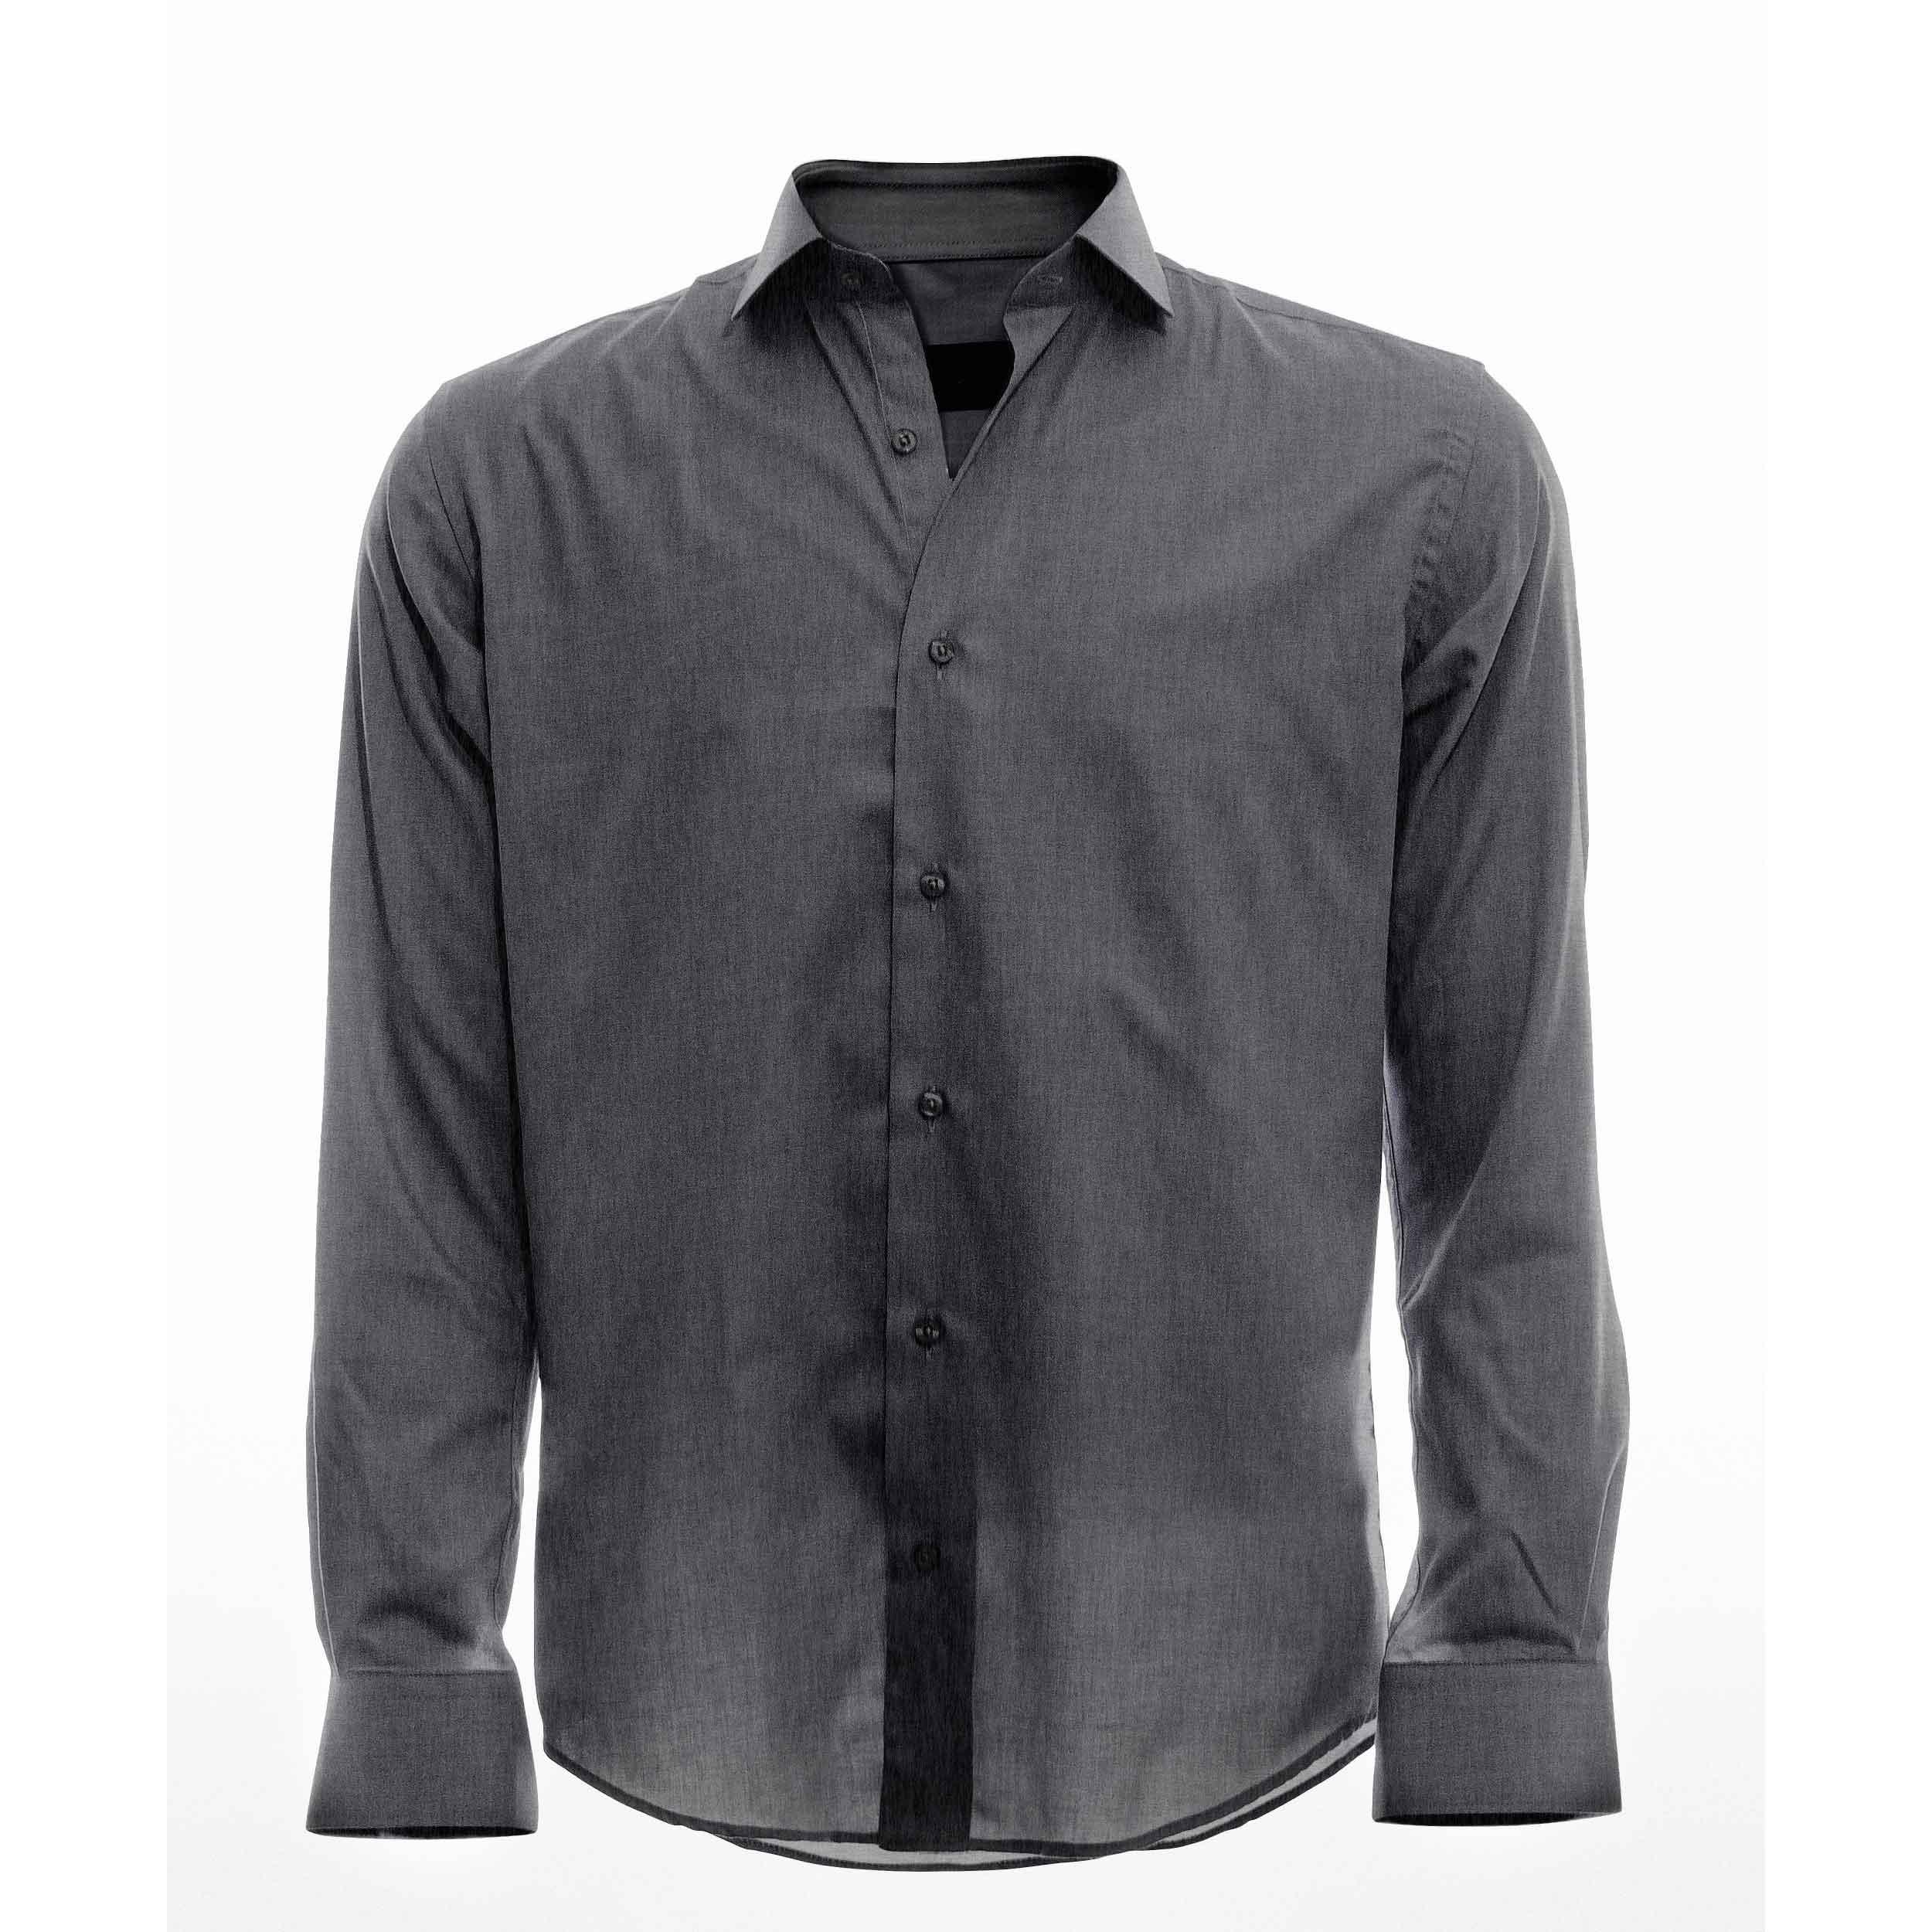 پیراهن آستین بلند مردانه ادموند مدل 70-110